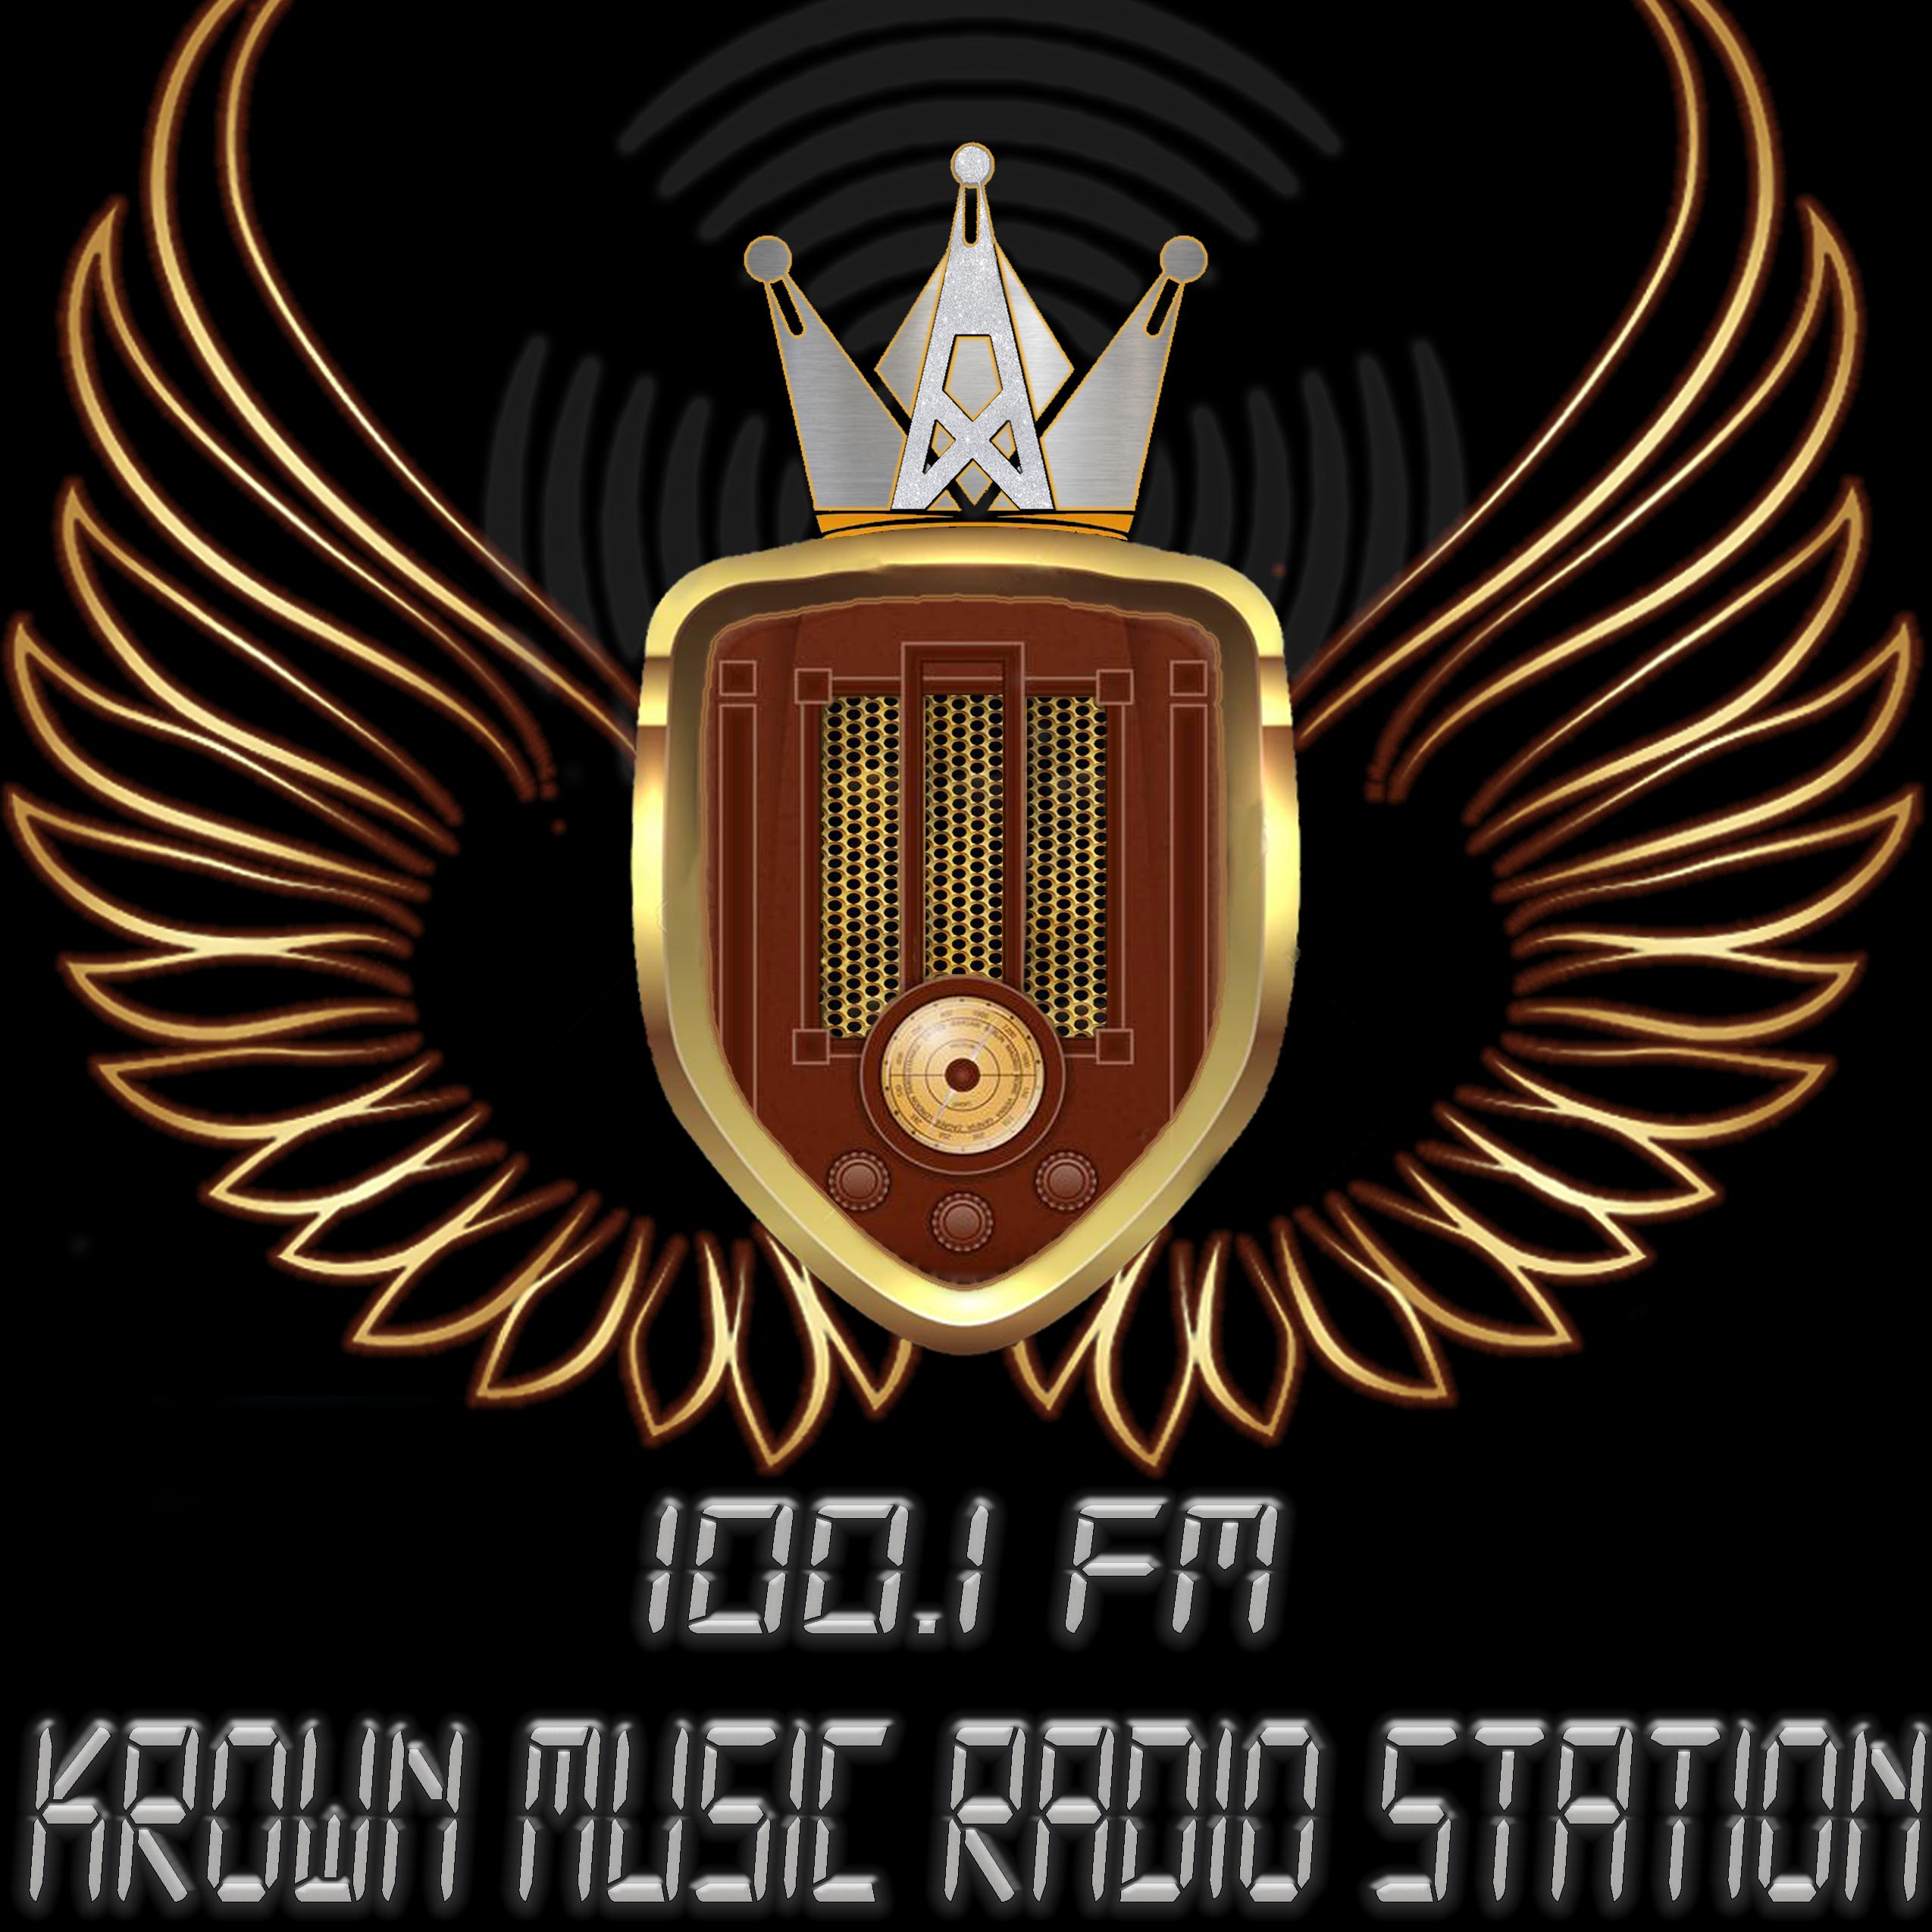 Krown 100.1 FM